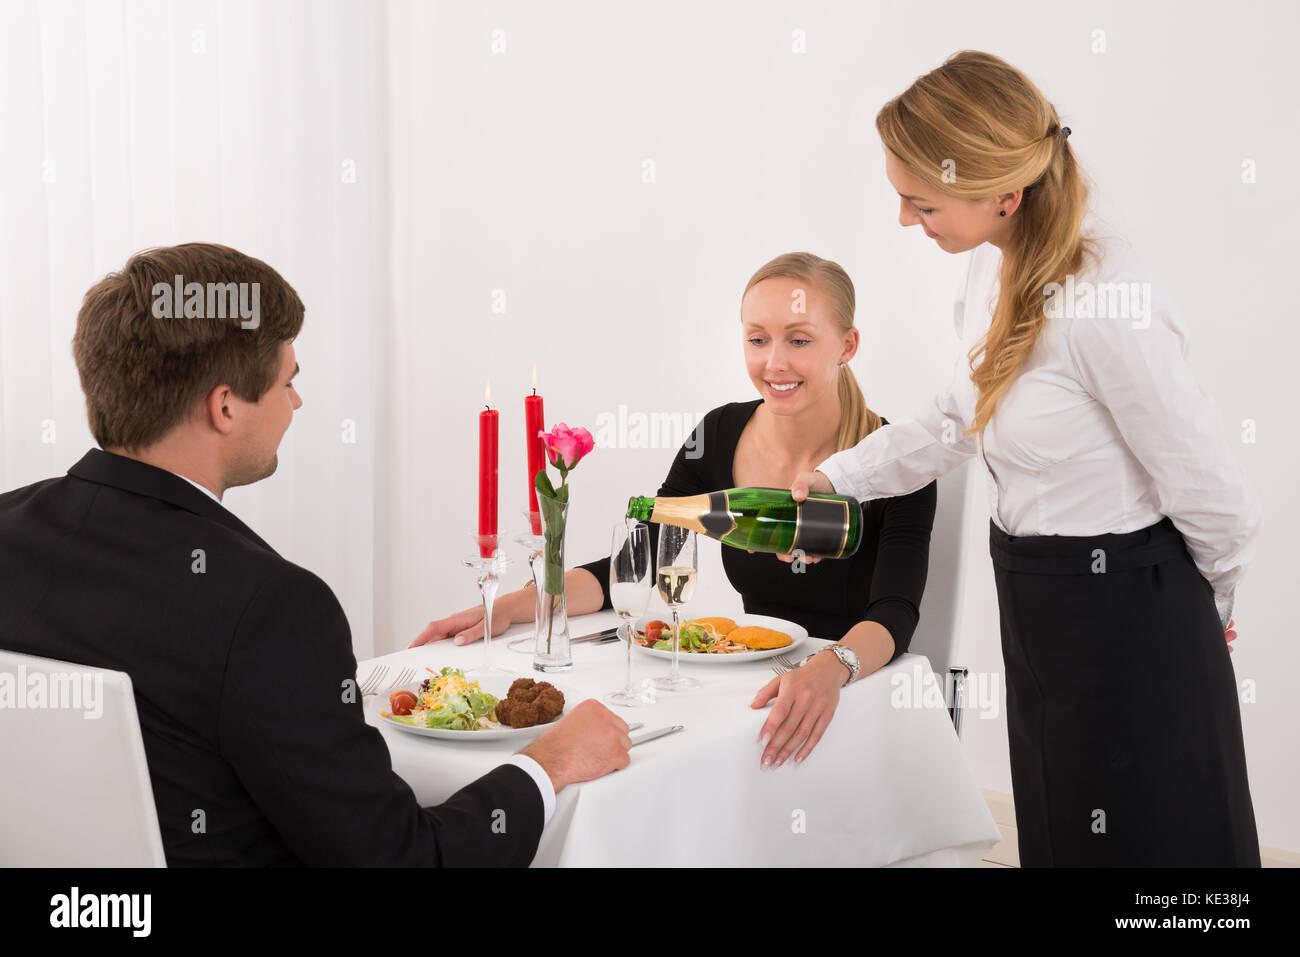 Camarera de verter en el vaso de champagne para la joven pareja en restaurante. Imagen De Stock